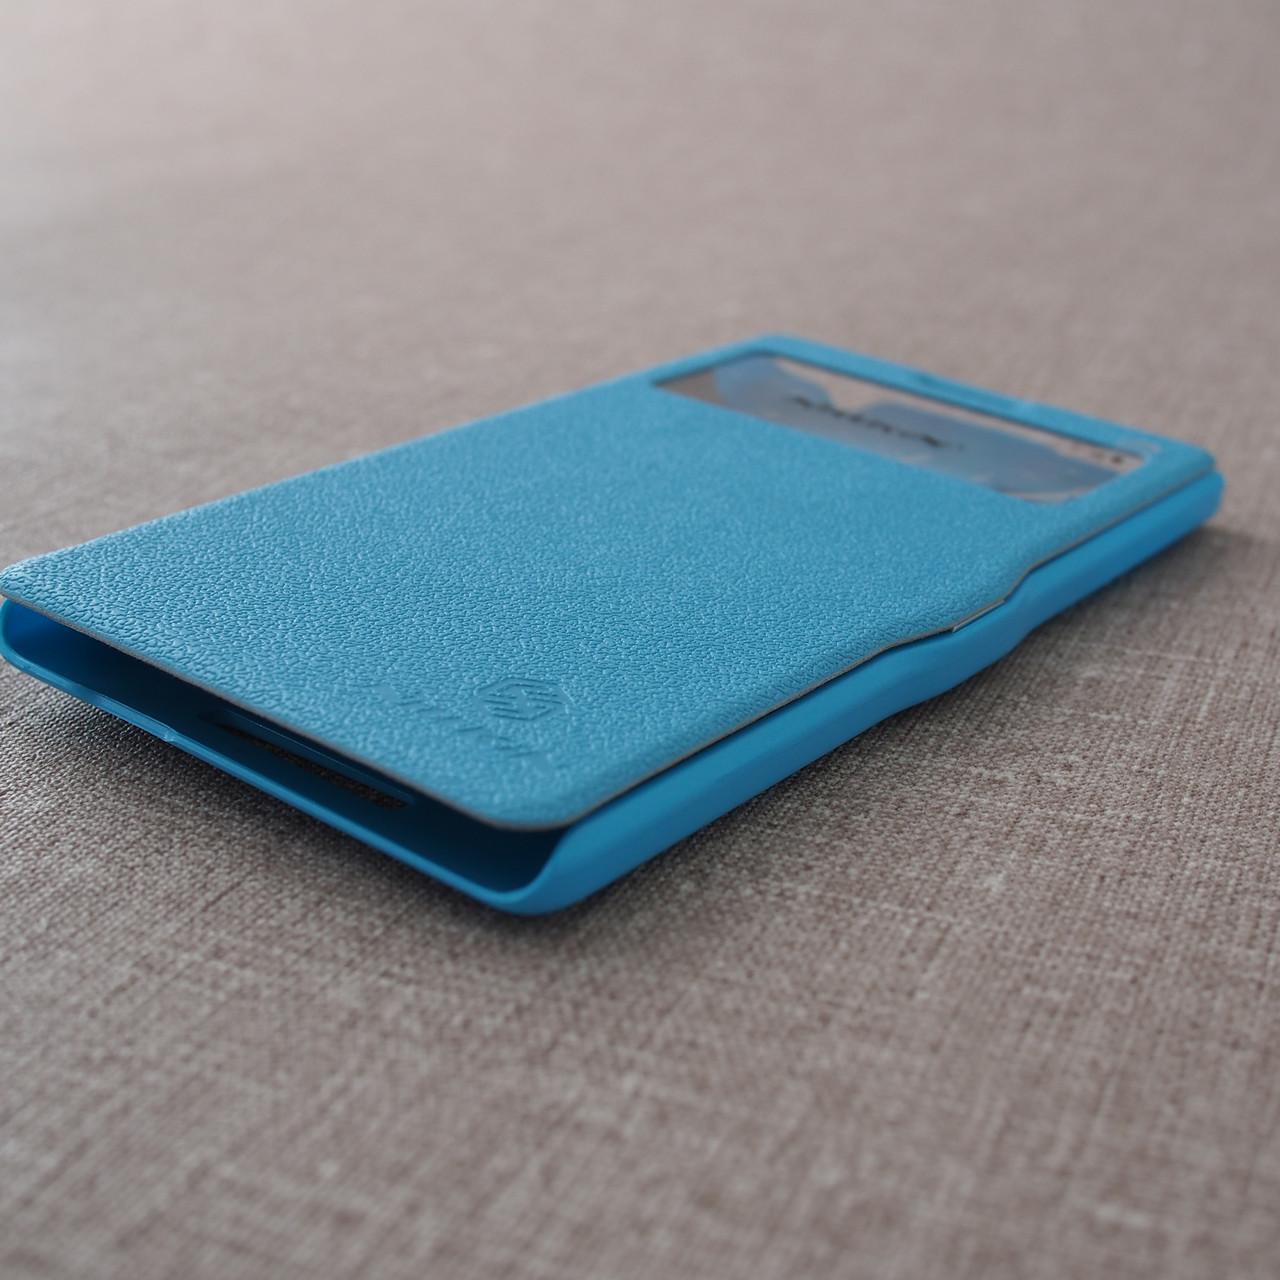 Чехлы для других смартфонов Nillkin Fresh Lenovo K910 light-blue Для телефона